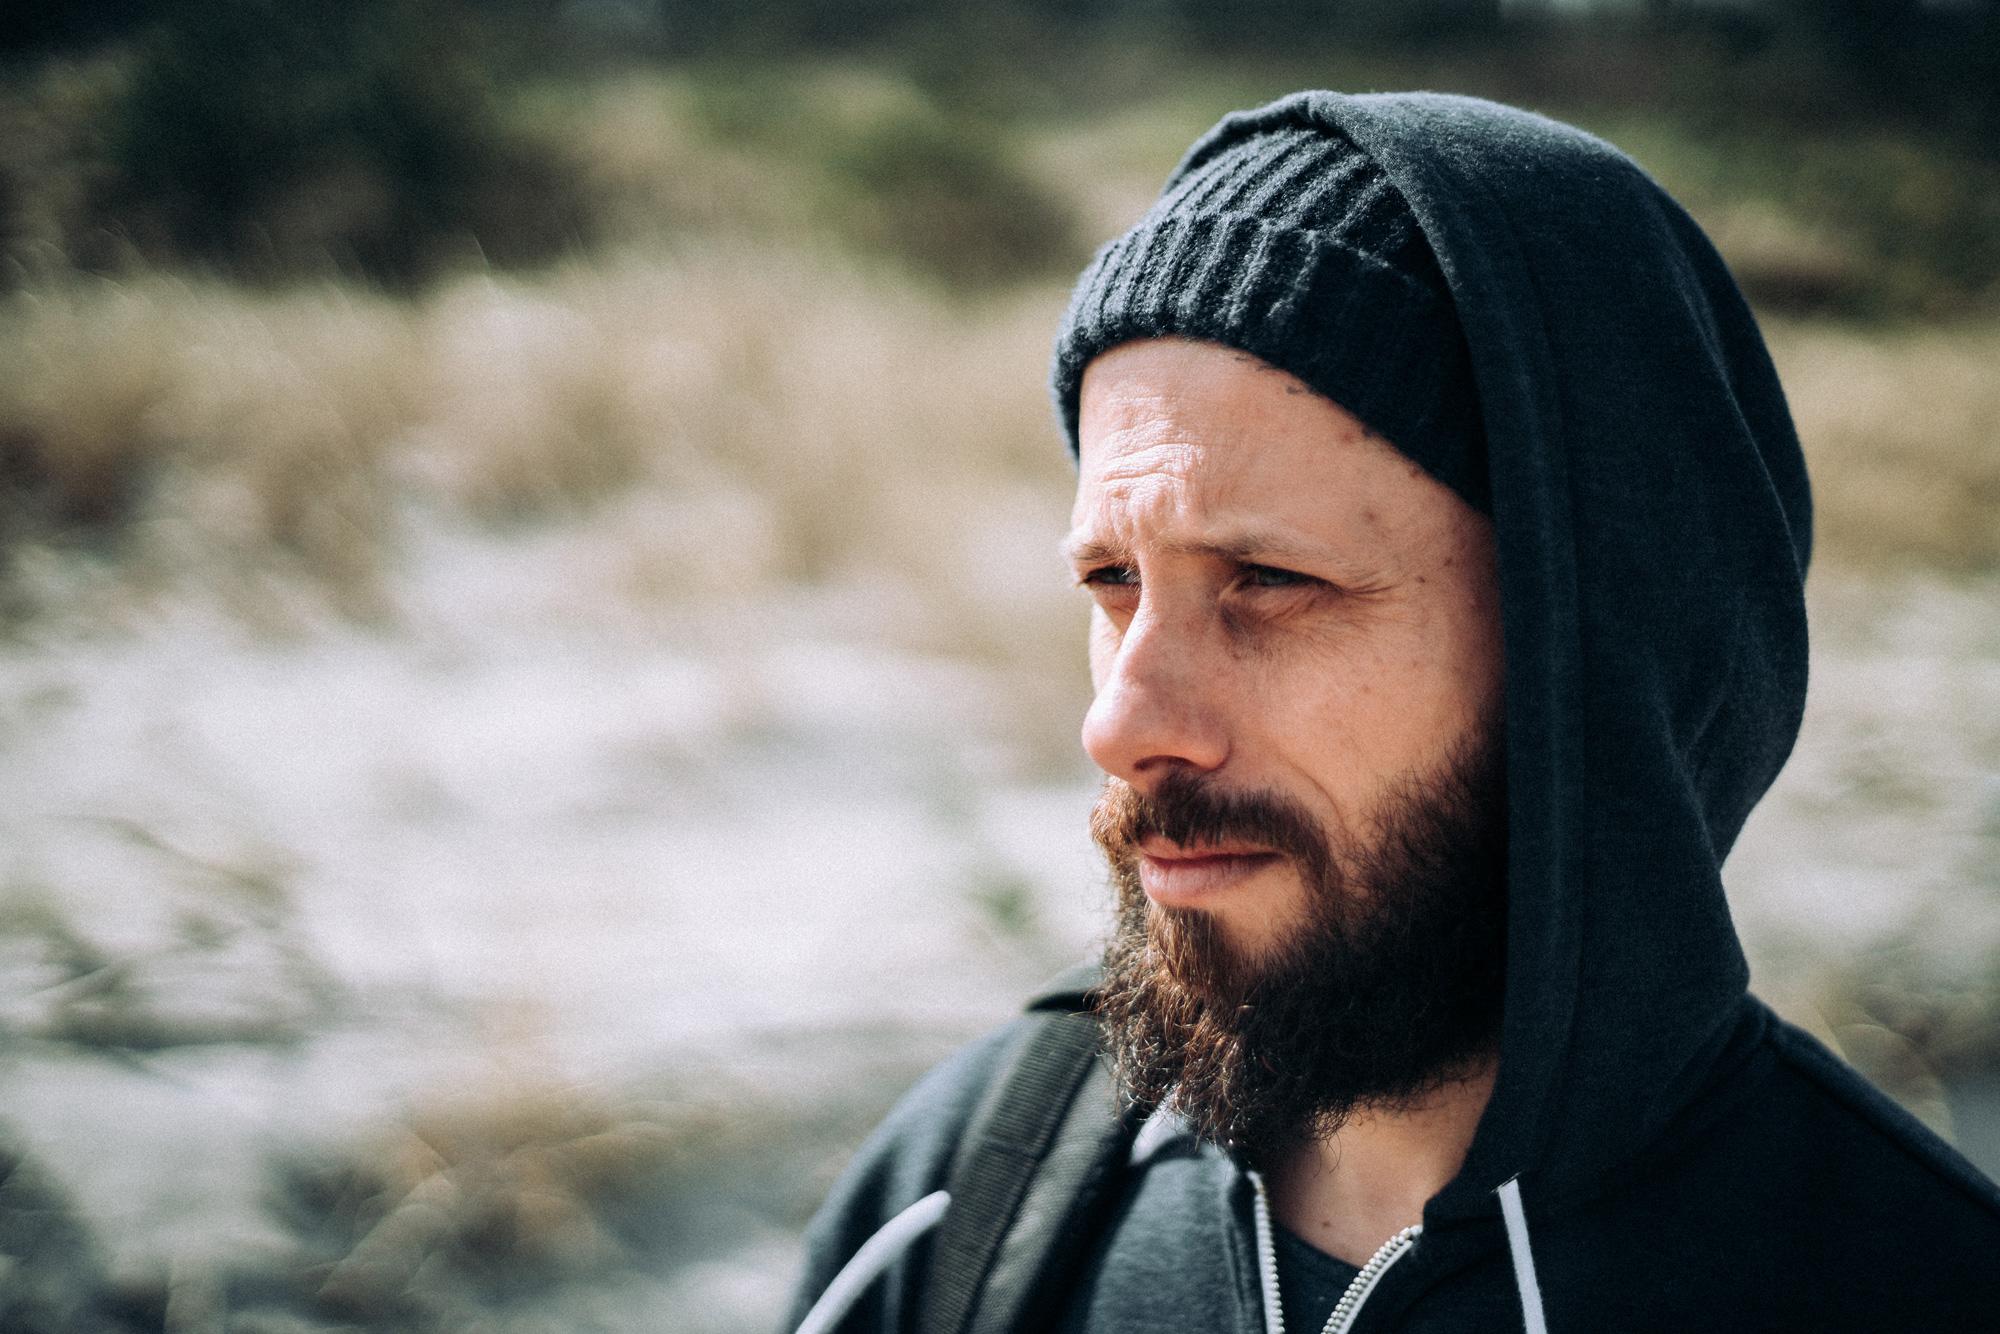 Andrew Laka